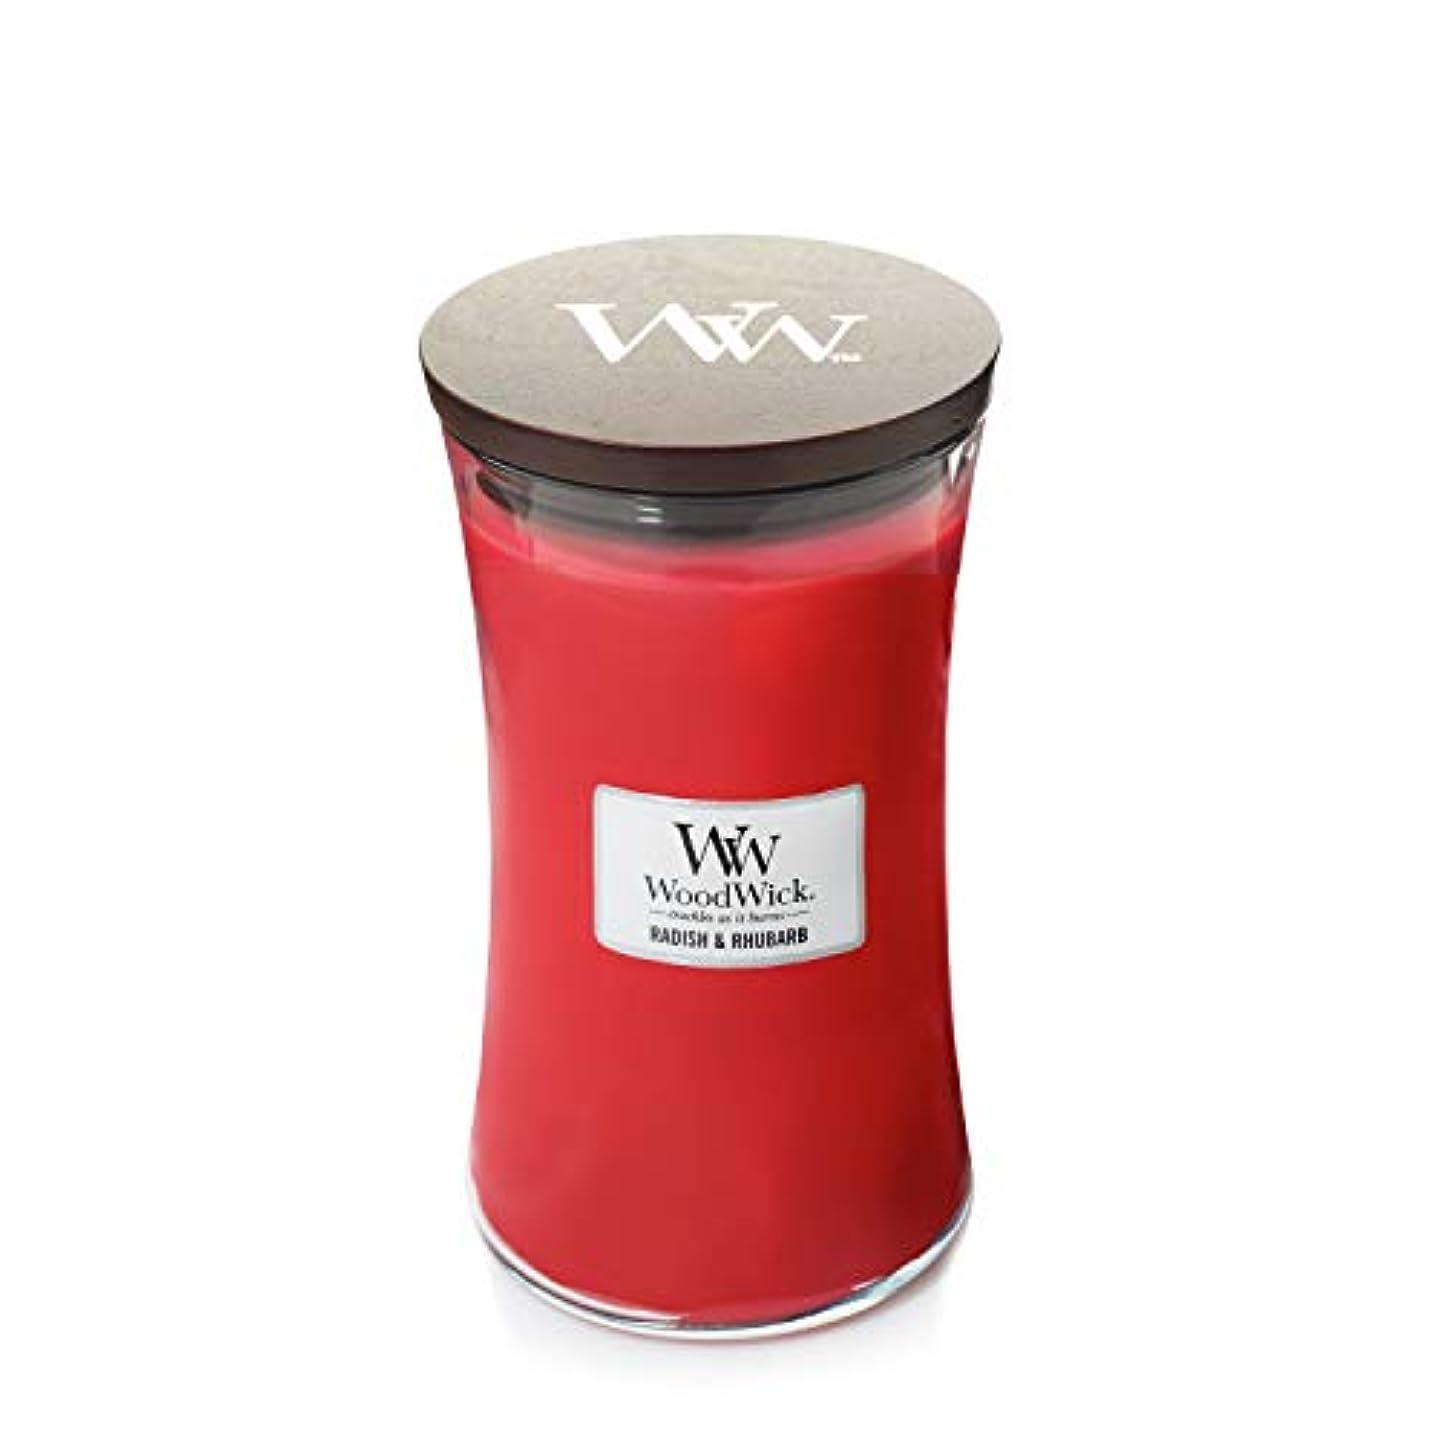 真鍮欠乏正確にWoodWick Radish and Rhubarb Large Jar Scented Candle